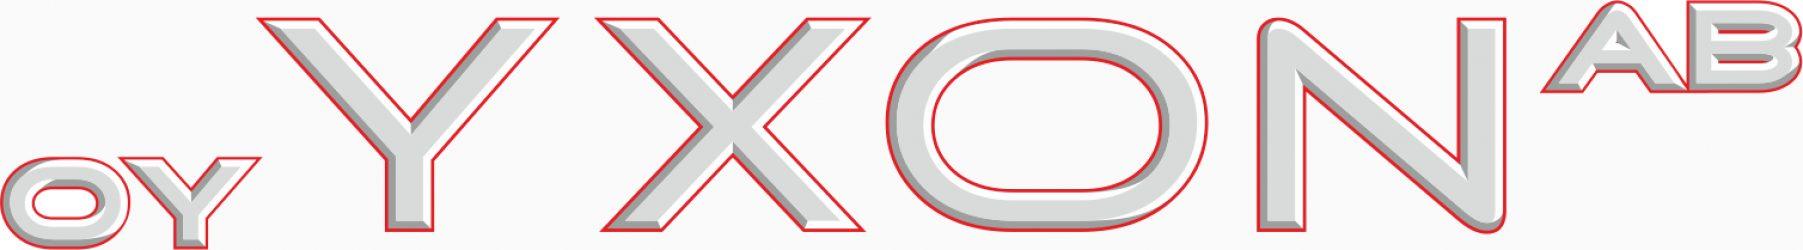 oy yXOn ab Logo